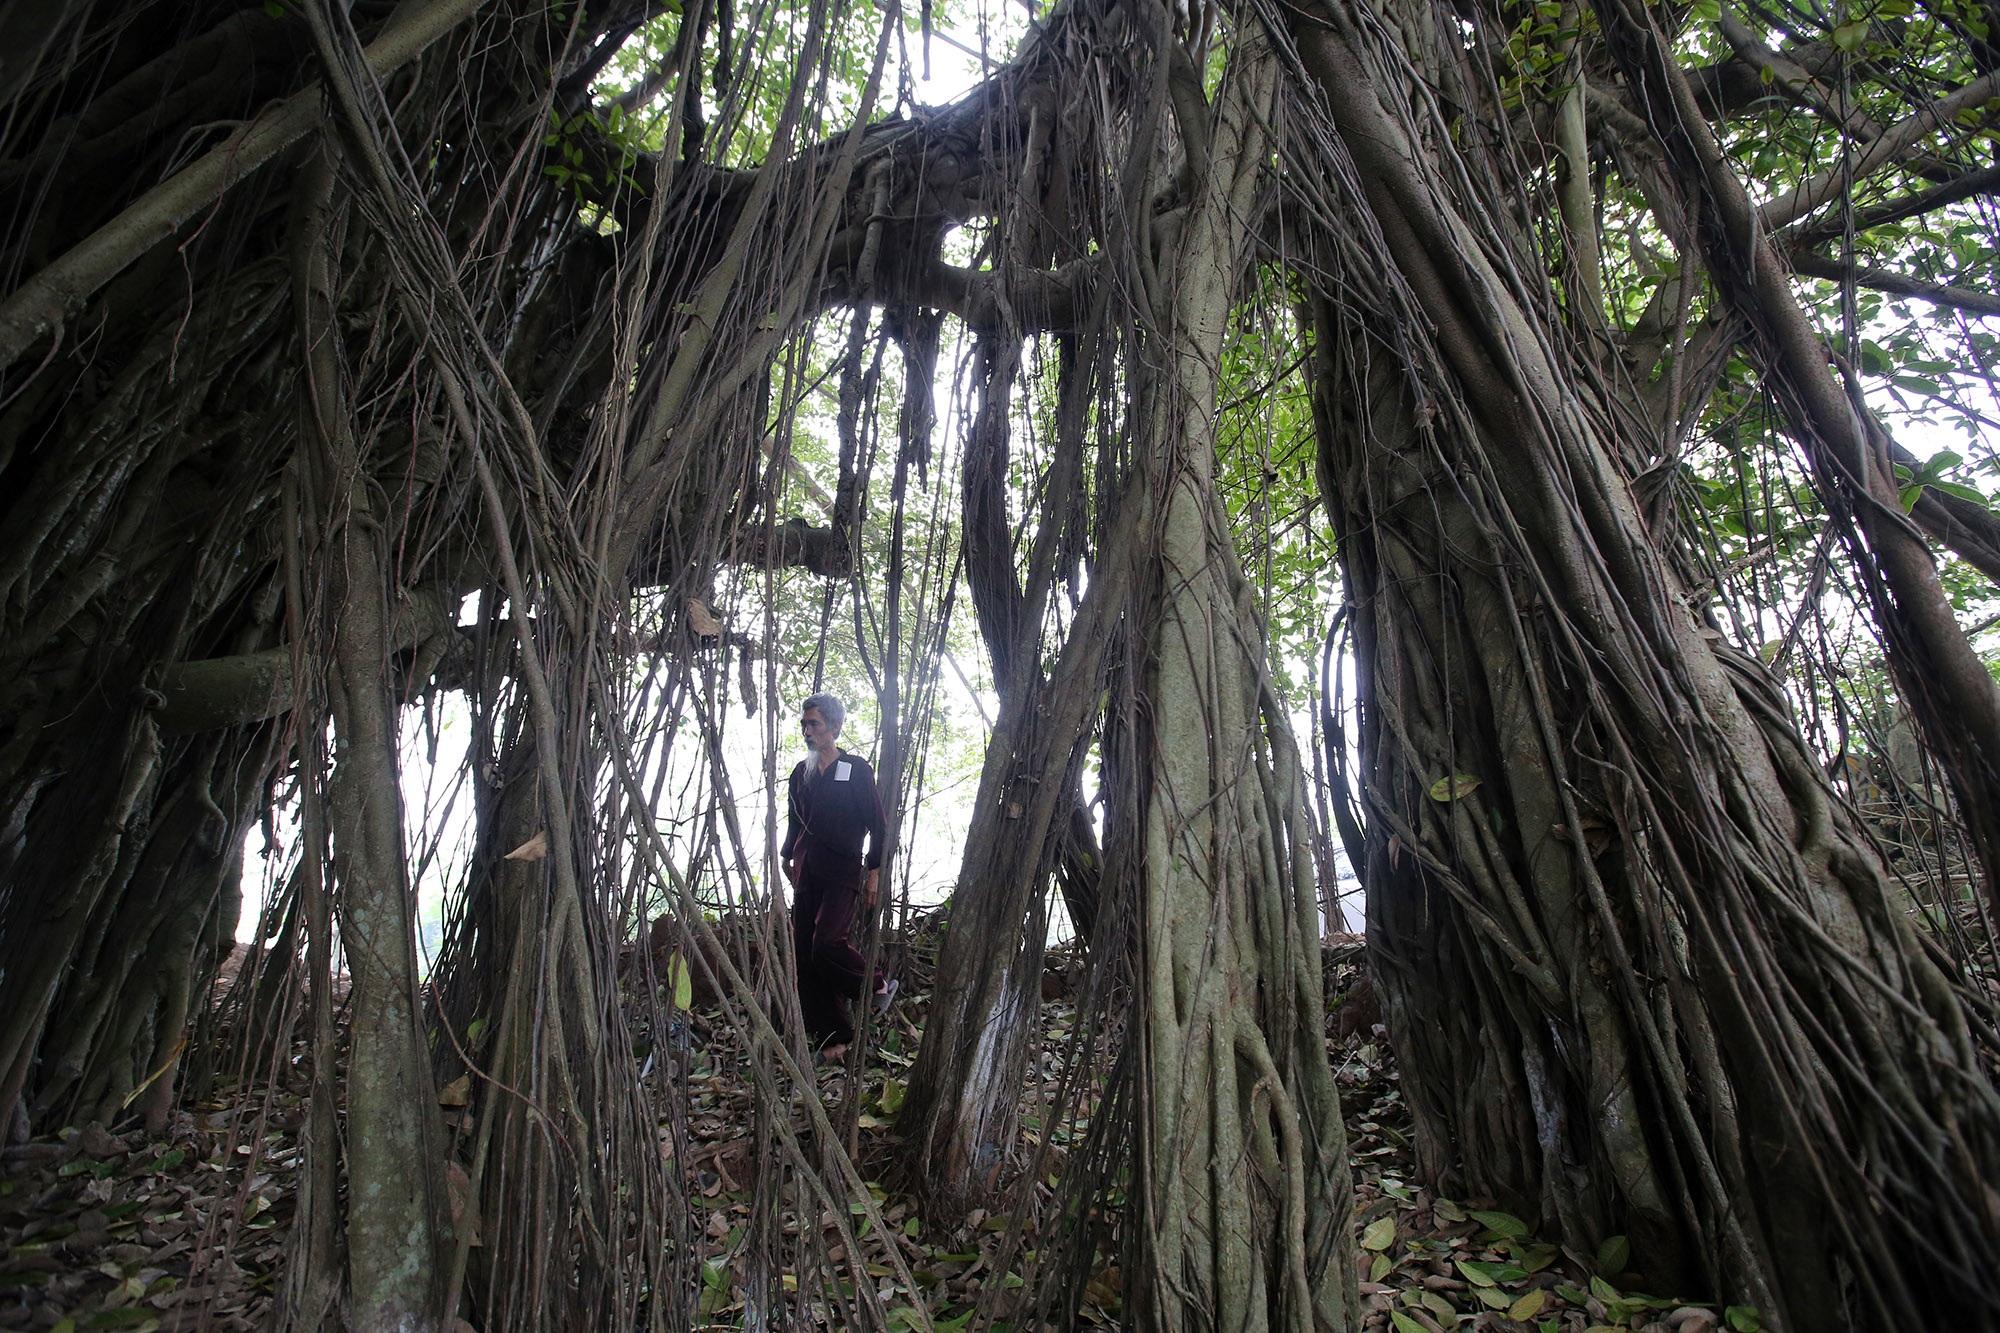 Chuyện ít người biết về cây đa khổng lồ ở xã Viên Nội - 6